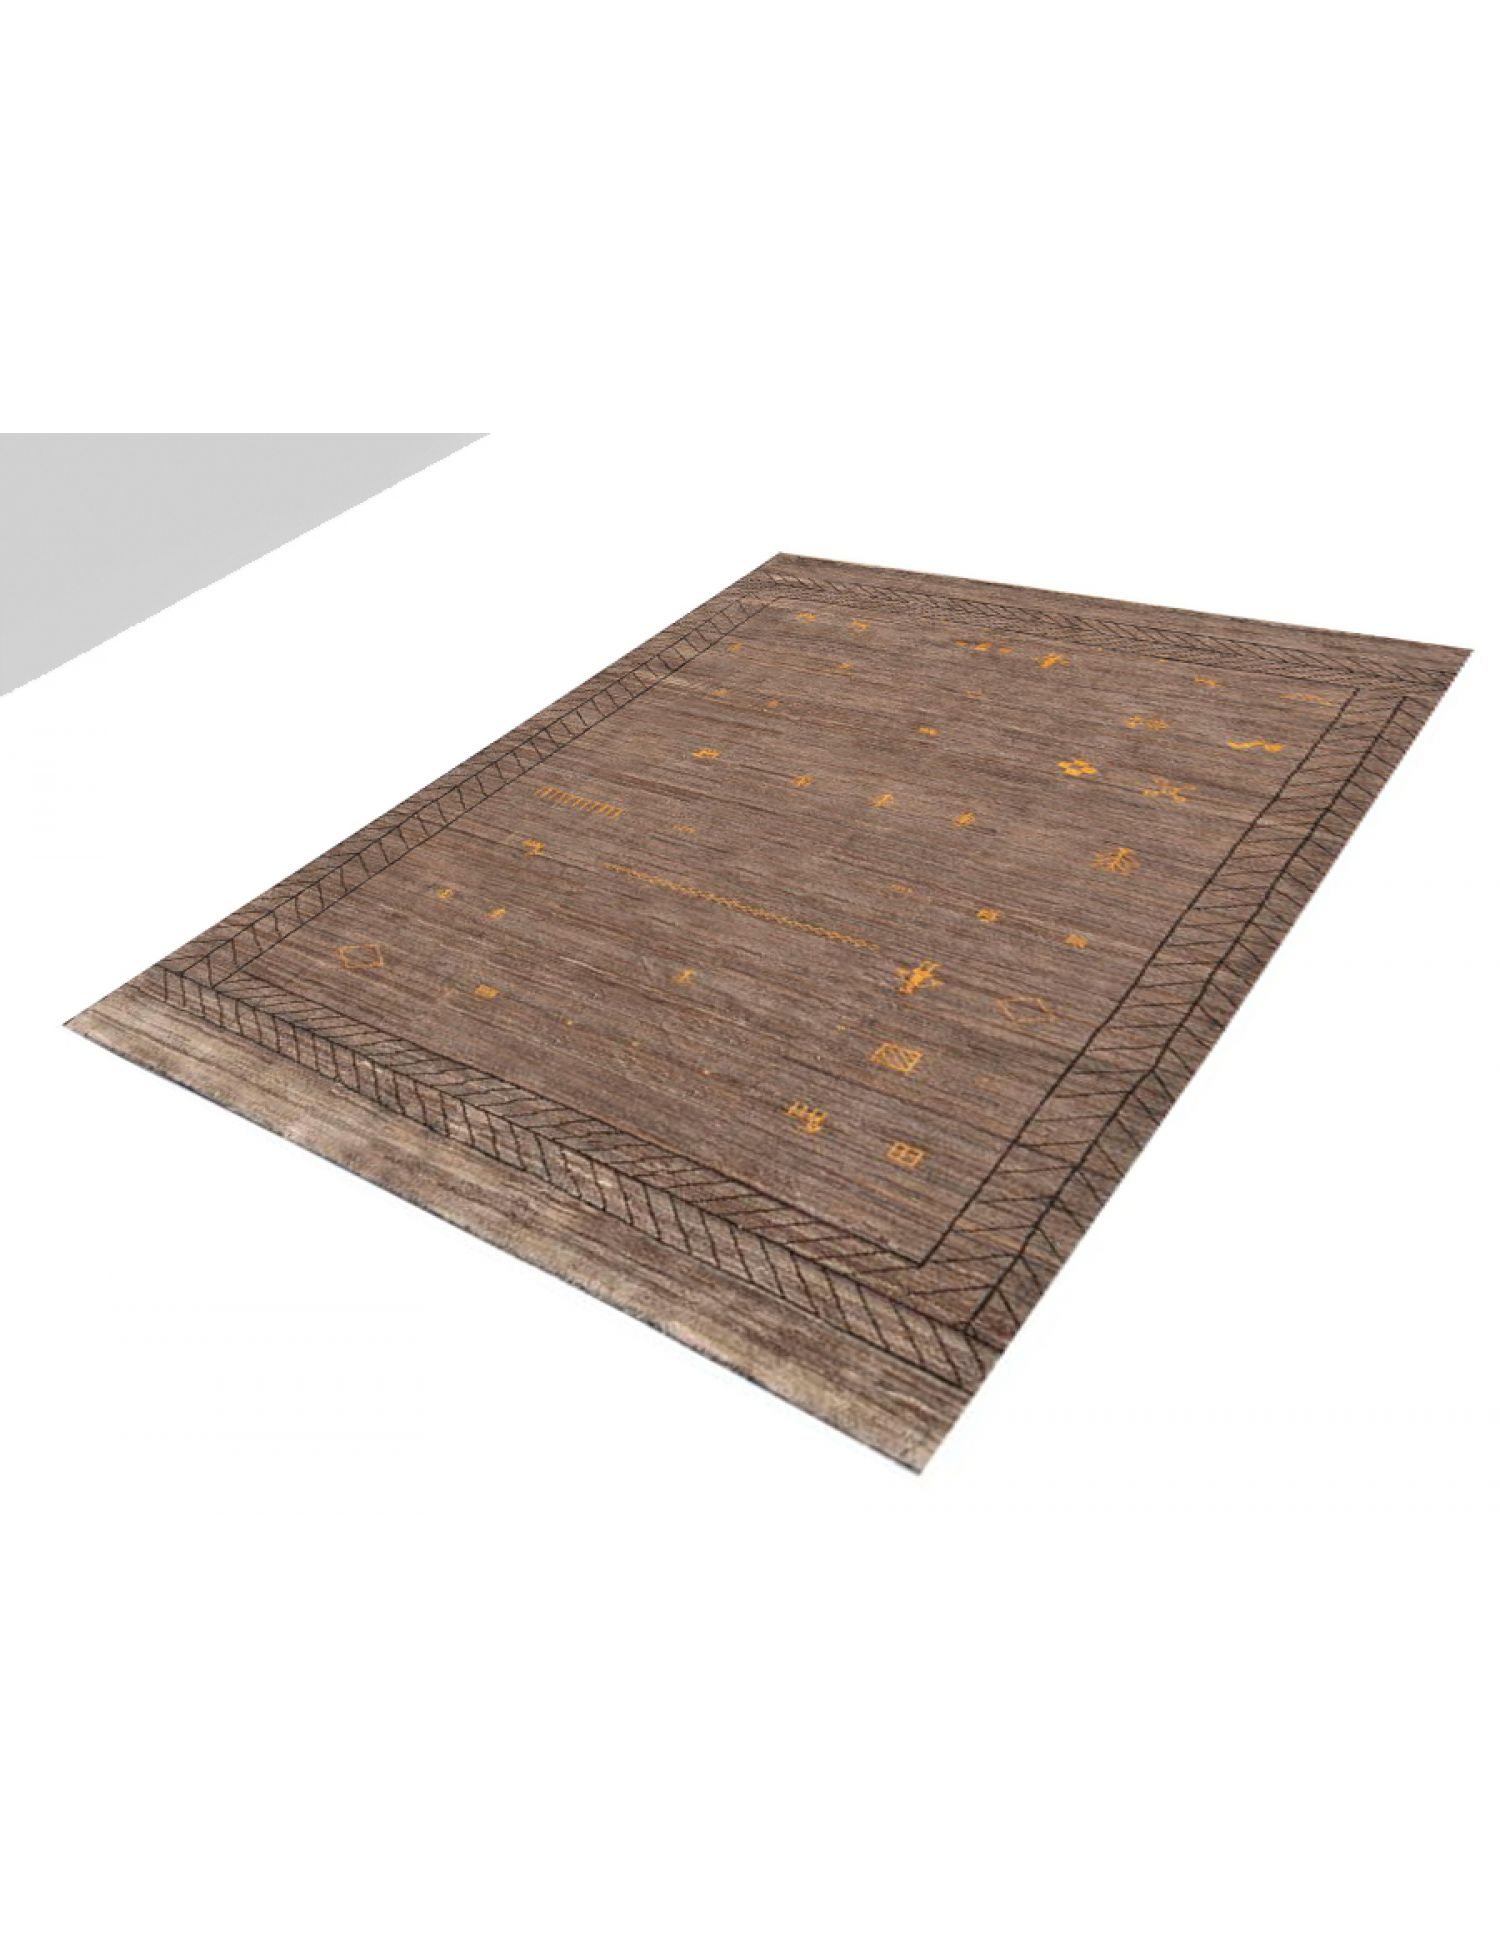 Moderne Teppiche   <br/>293 x 200 cm